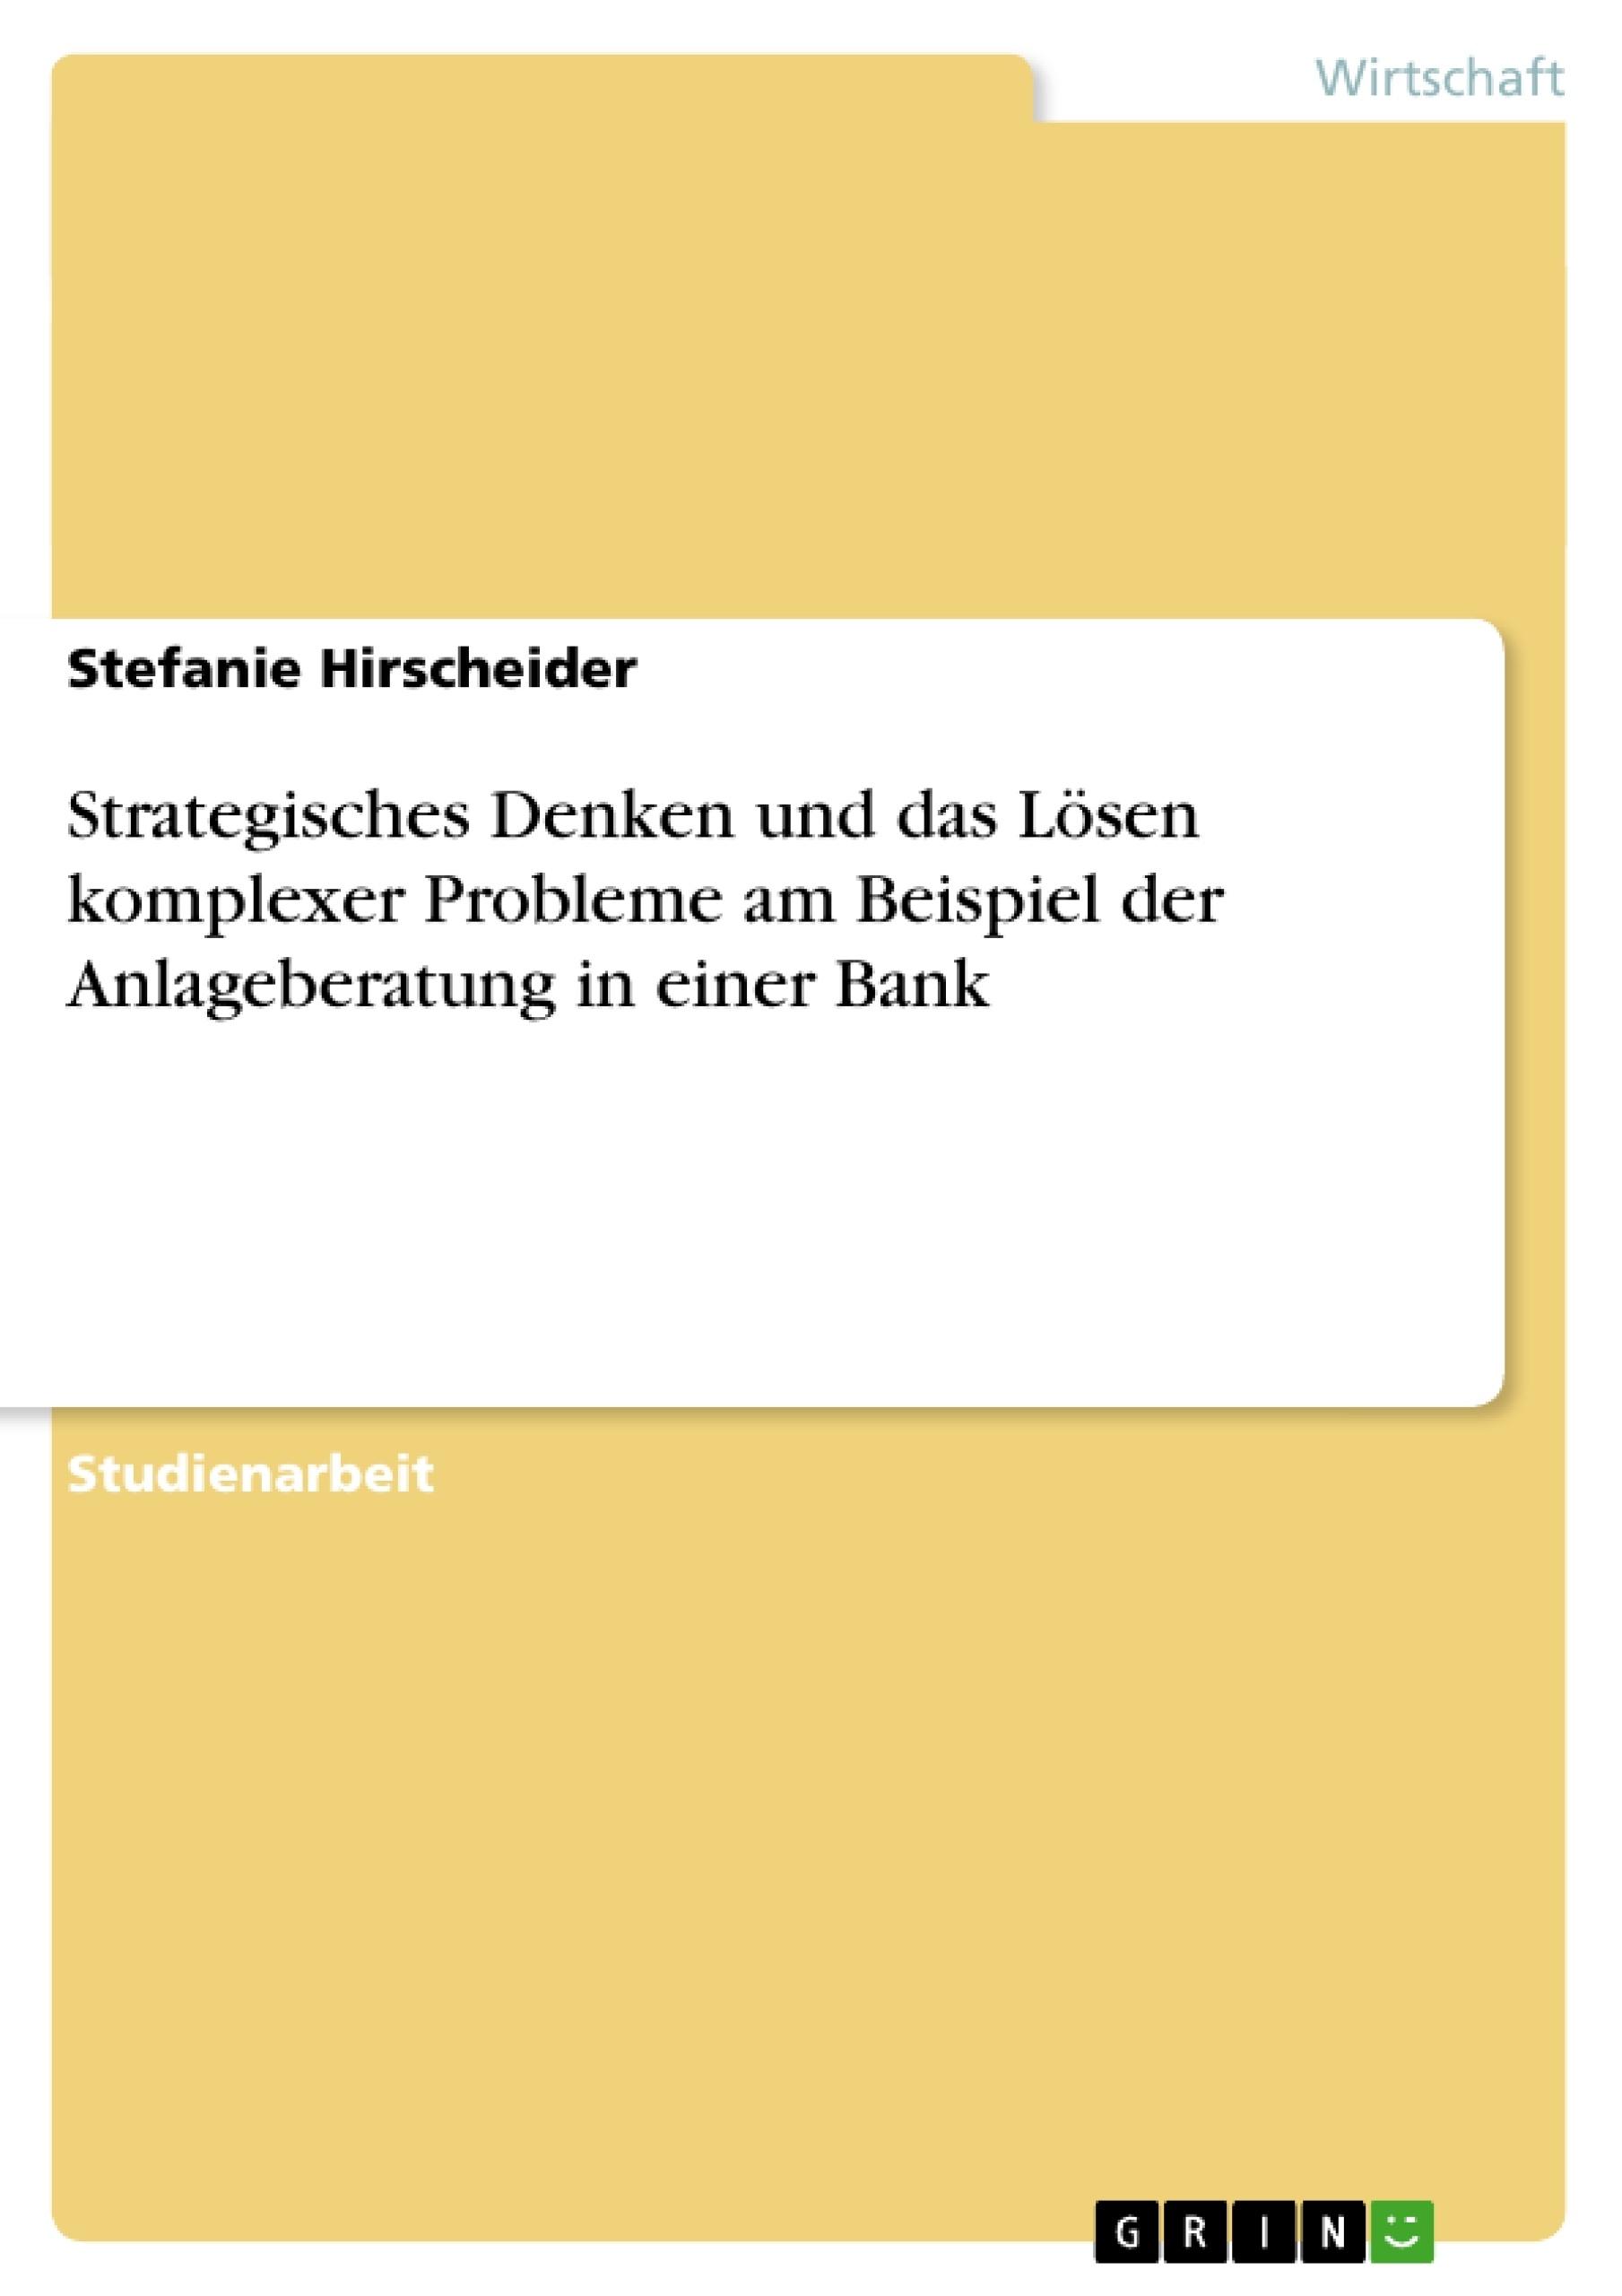 Titel: Strategisches Denken und das Lösen komplexer Probleme am Beispiel der Anlageberatung in einer Bank